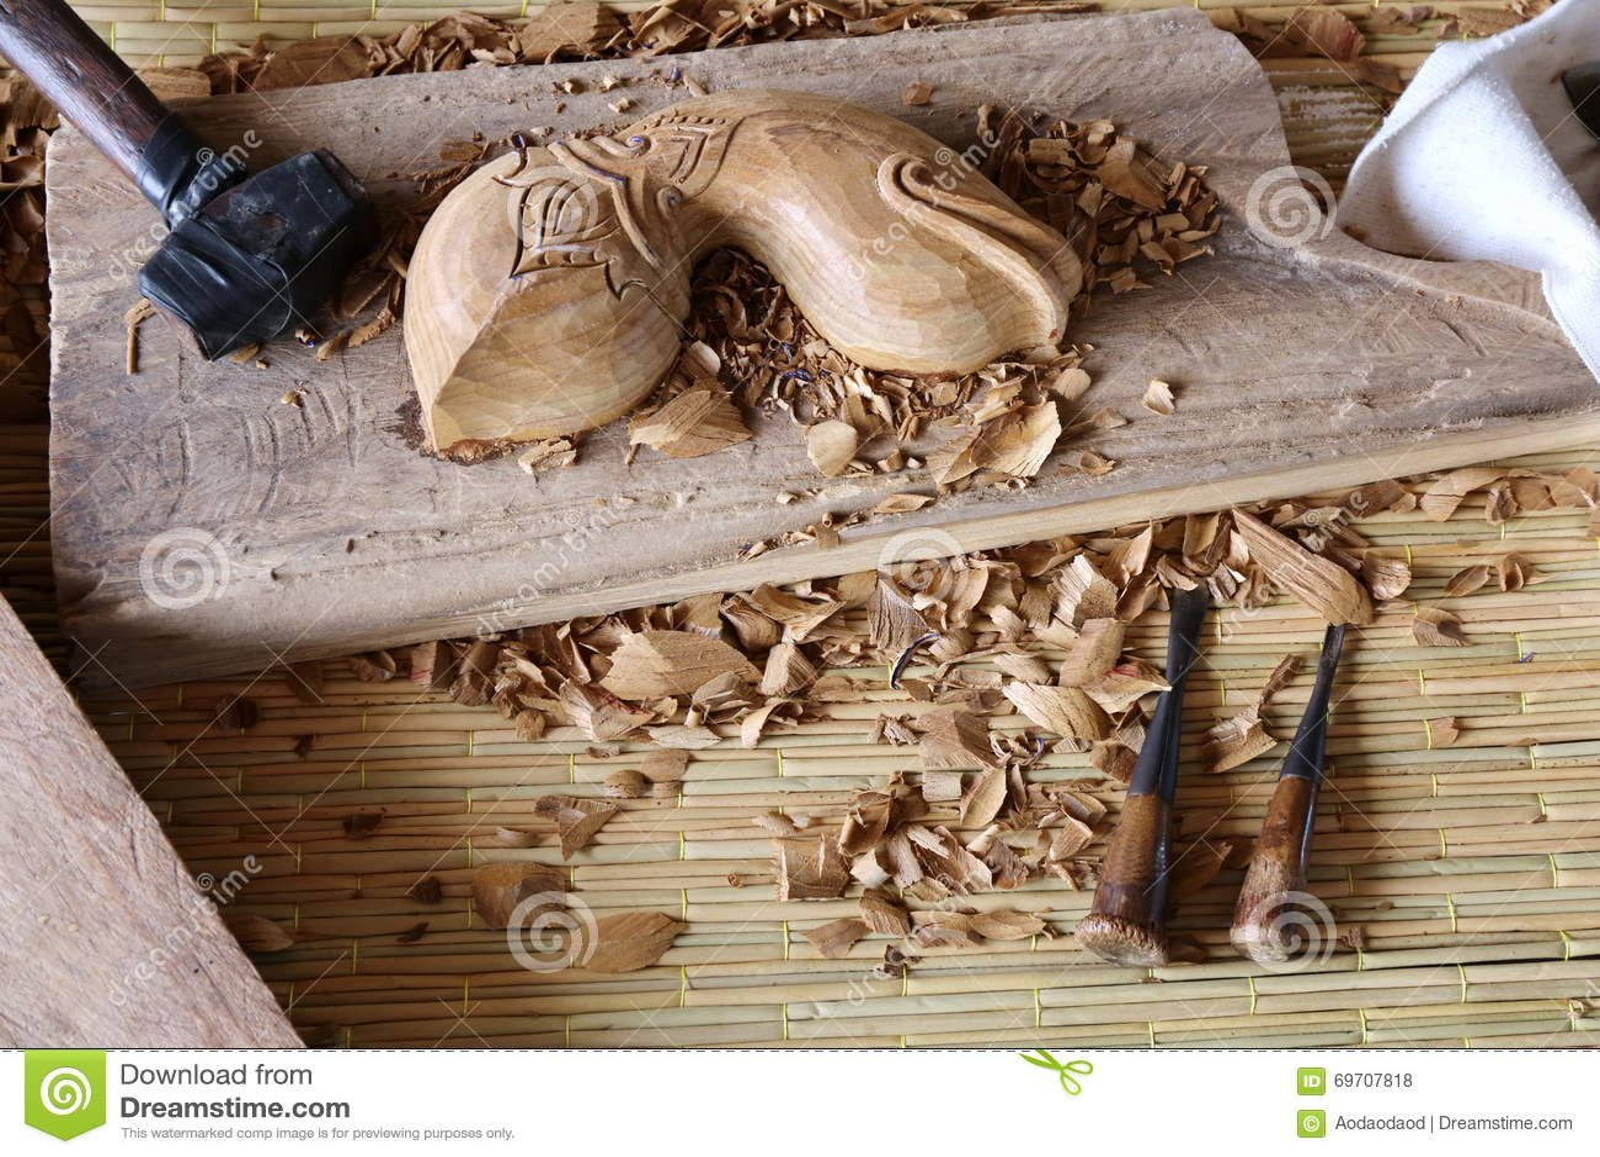 蛾眉凿木凿木匠工具工作木